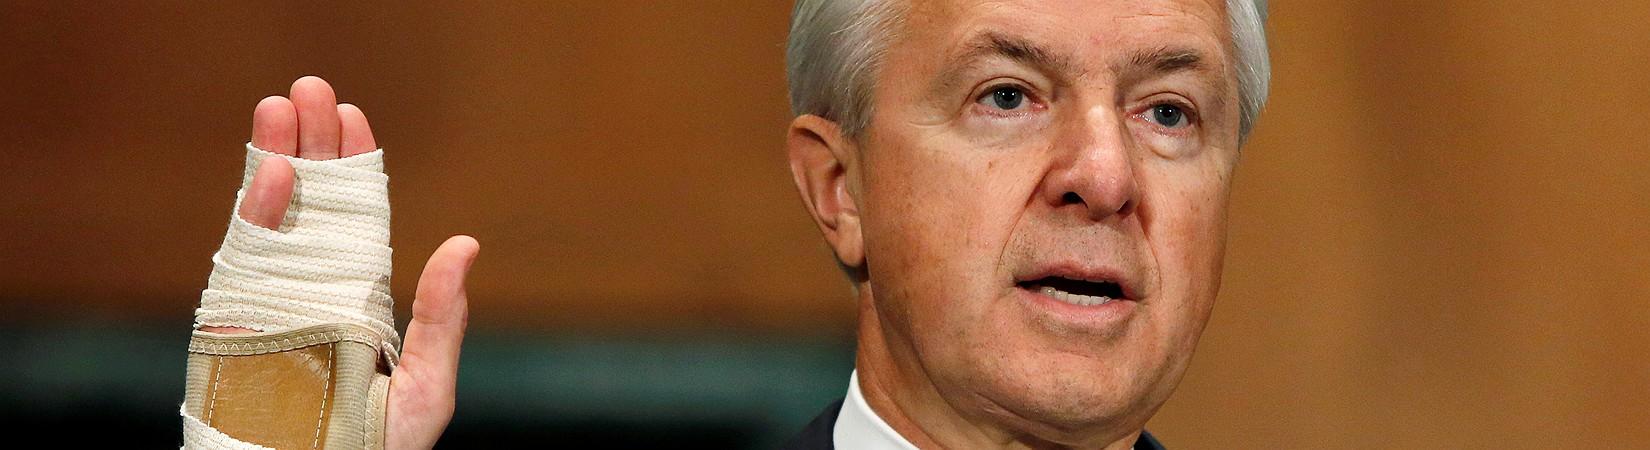 Ex-Wells Fargo boss blamed for fake accounts scandal